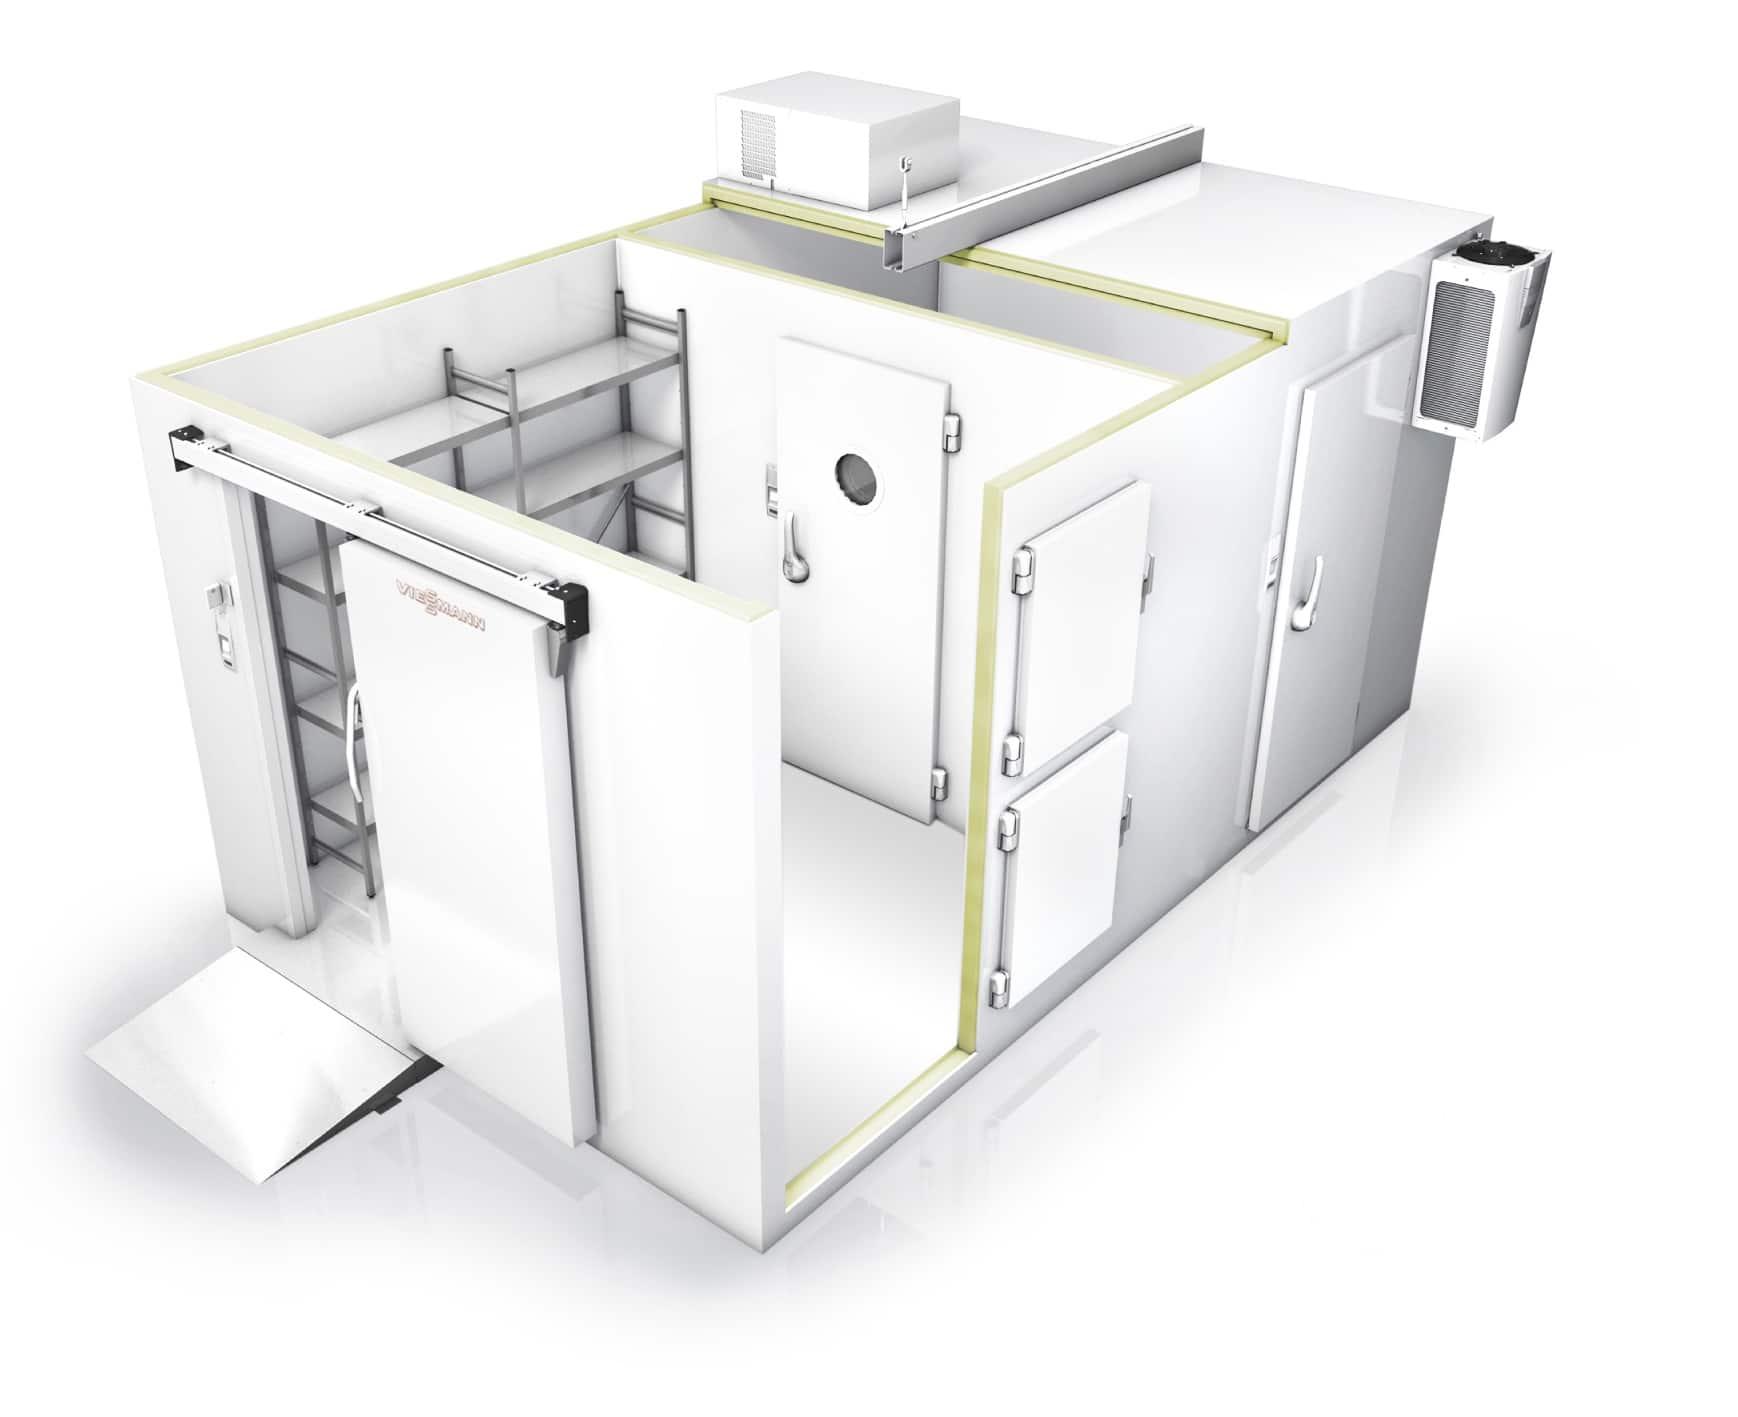 Viessmann Kühlsysteme starker Partner in Sachen Lebensmittelhygiene und Lebensmittelsicherheit 20 Jahre BVLK-Hygieneforum 1995 – 2015